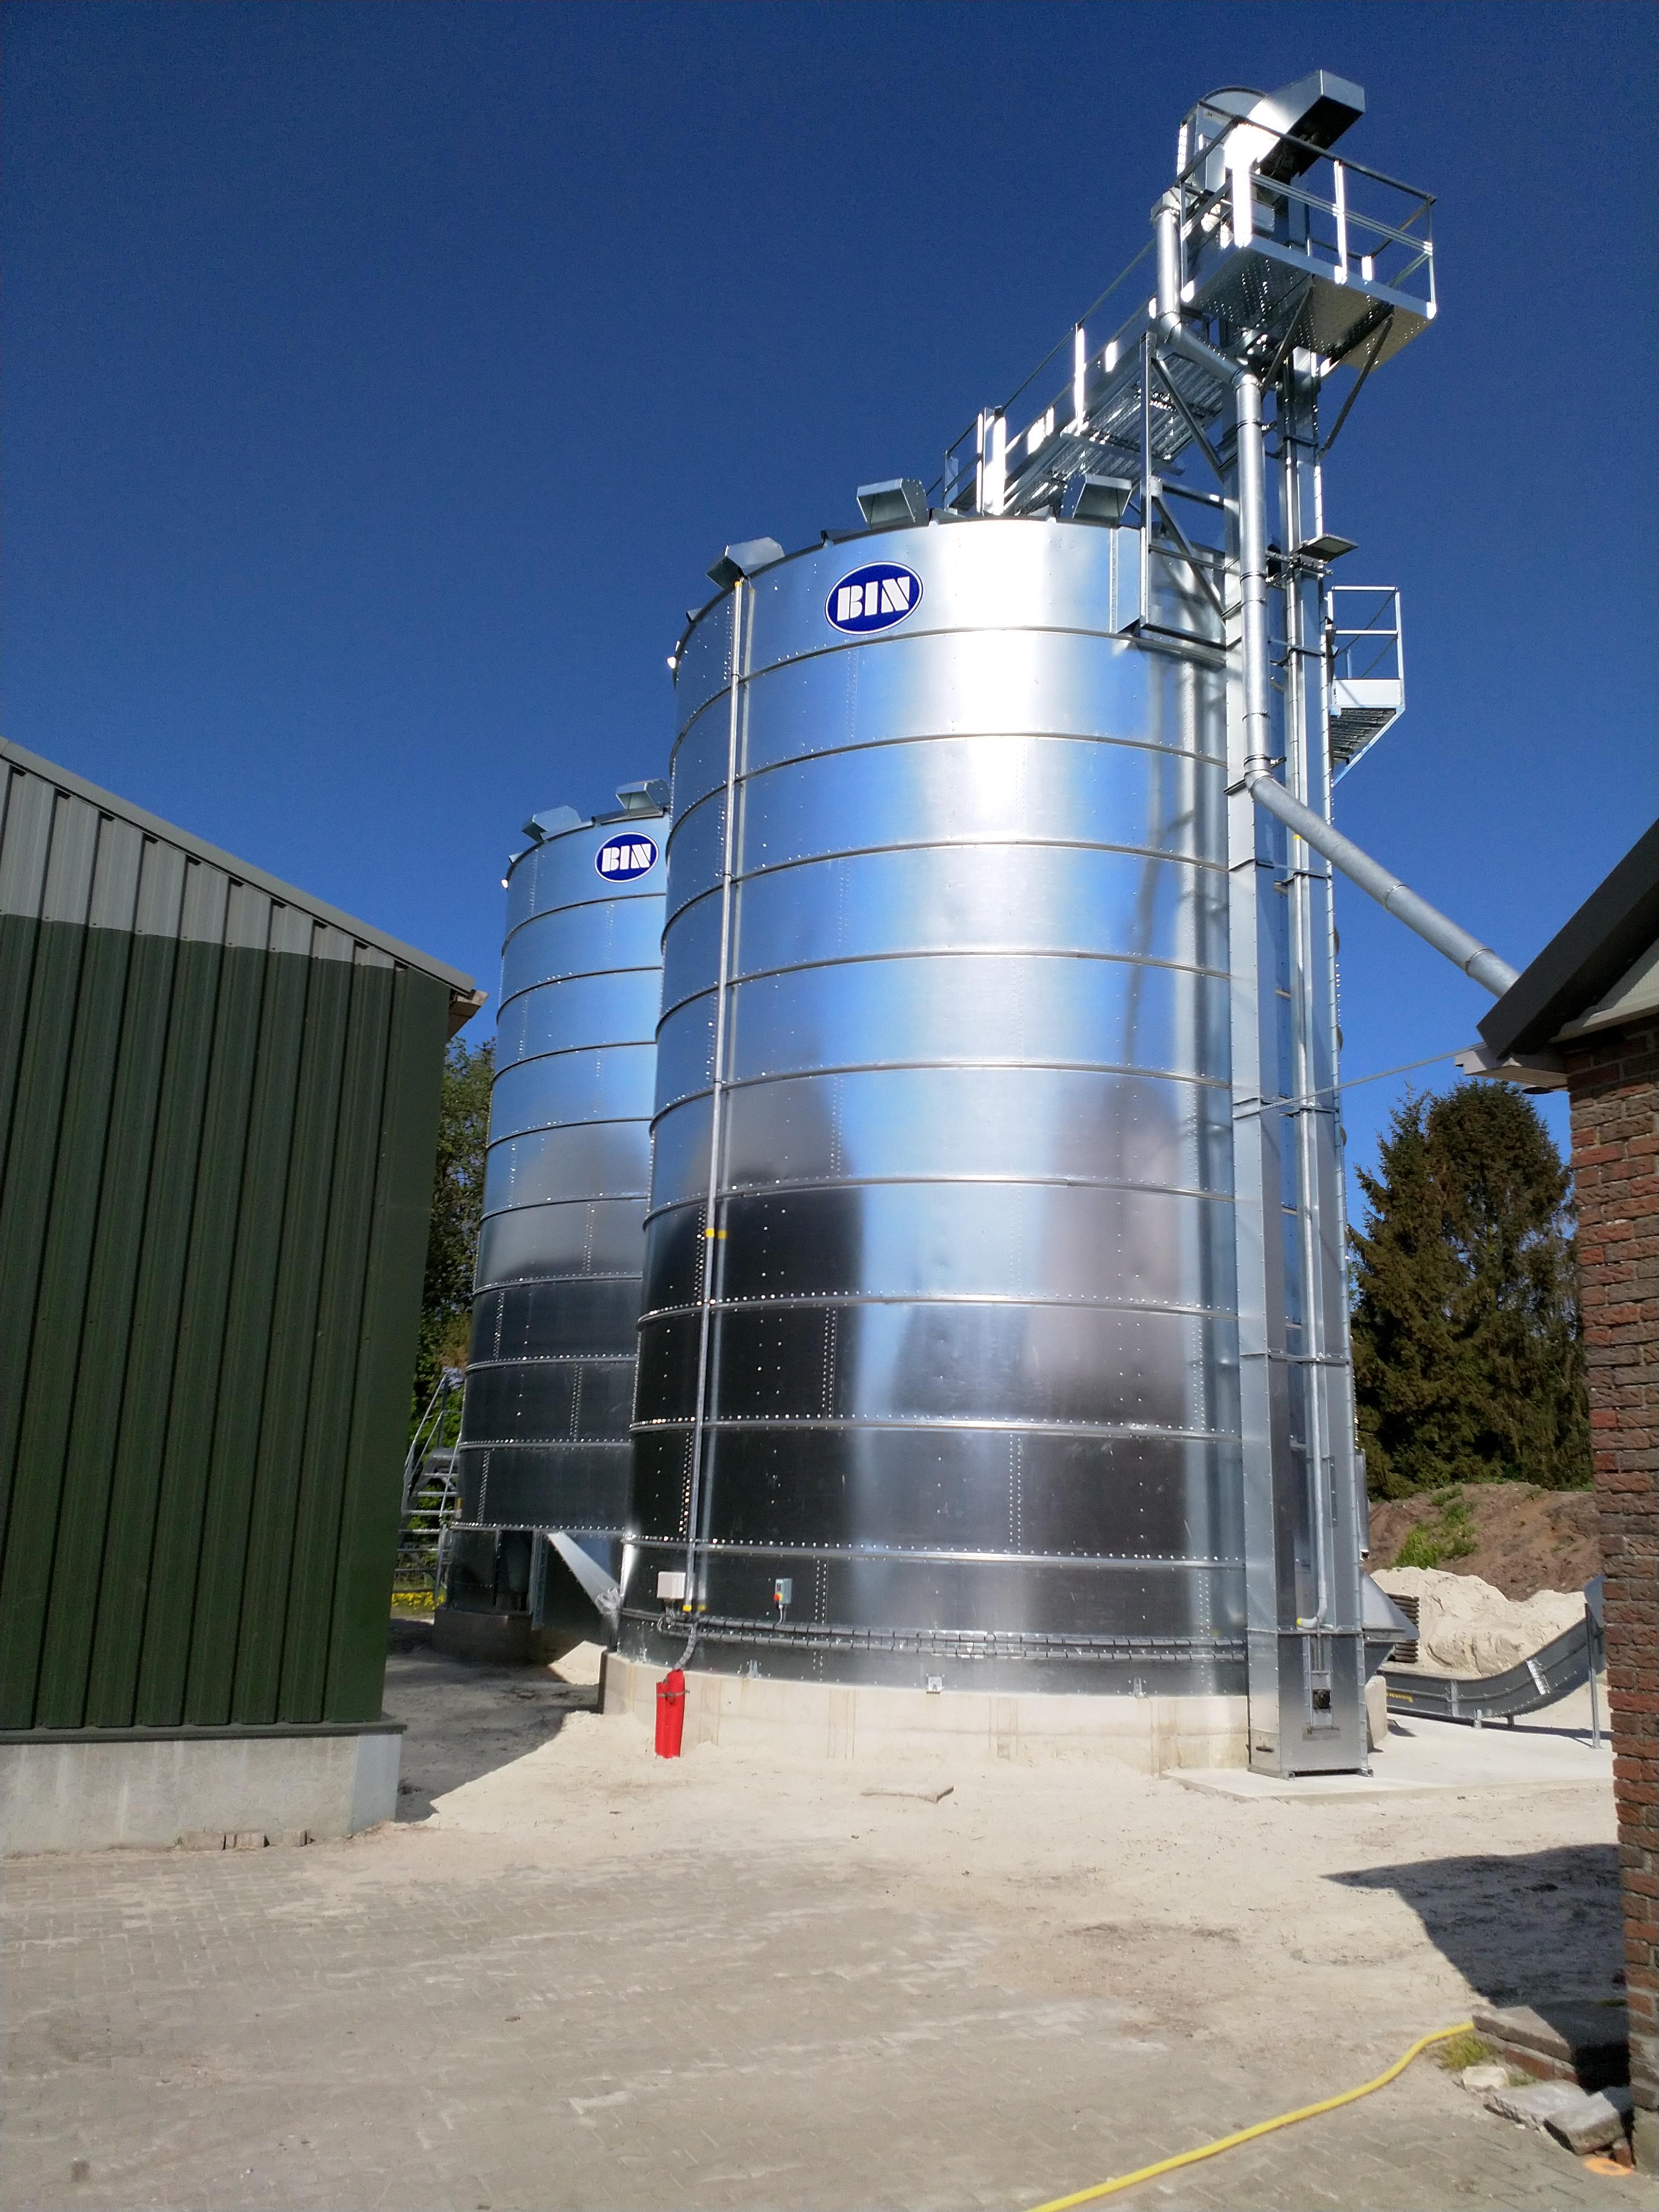 New grain storage in Meeden (NL)